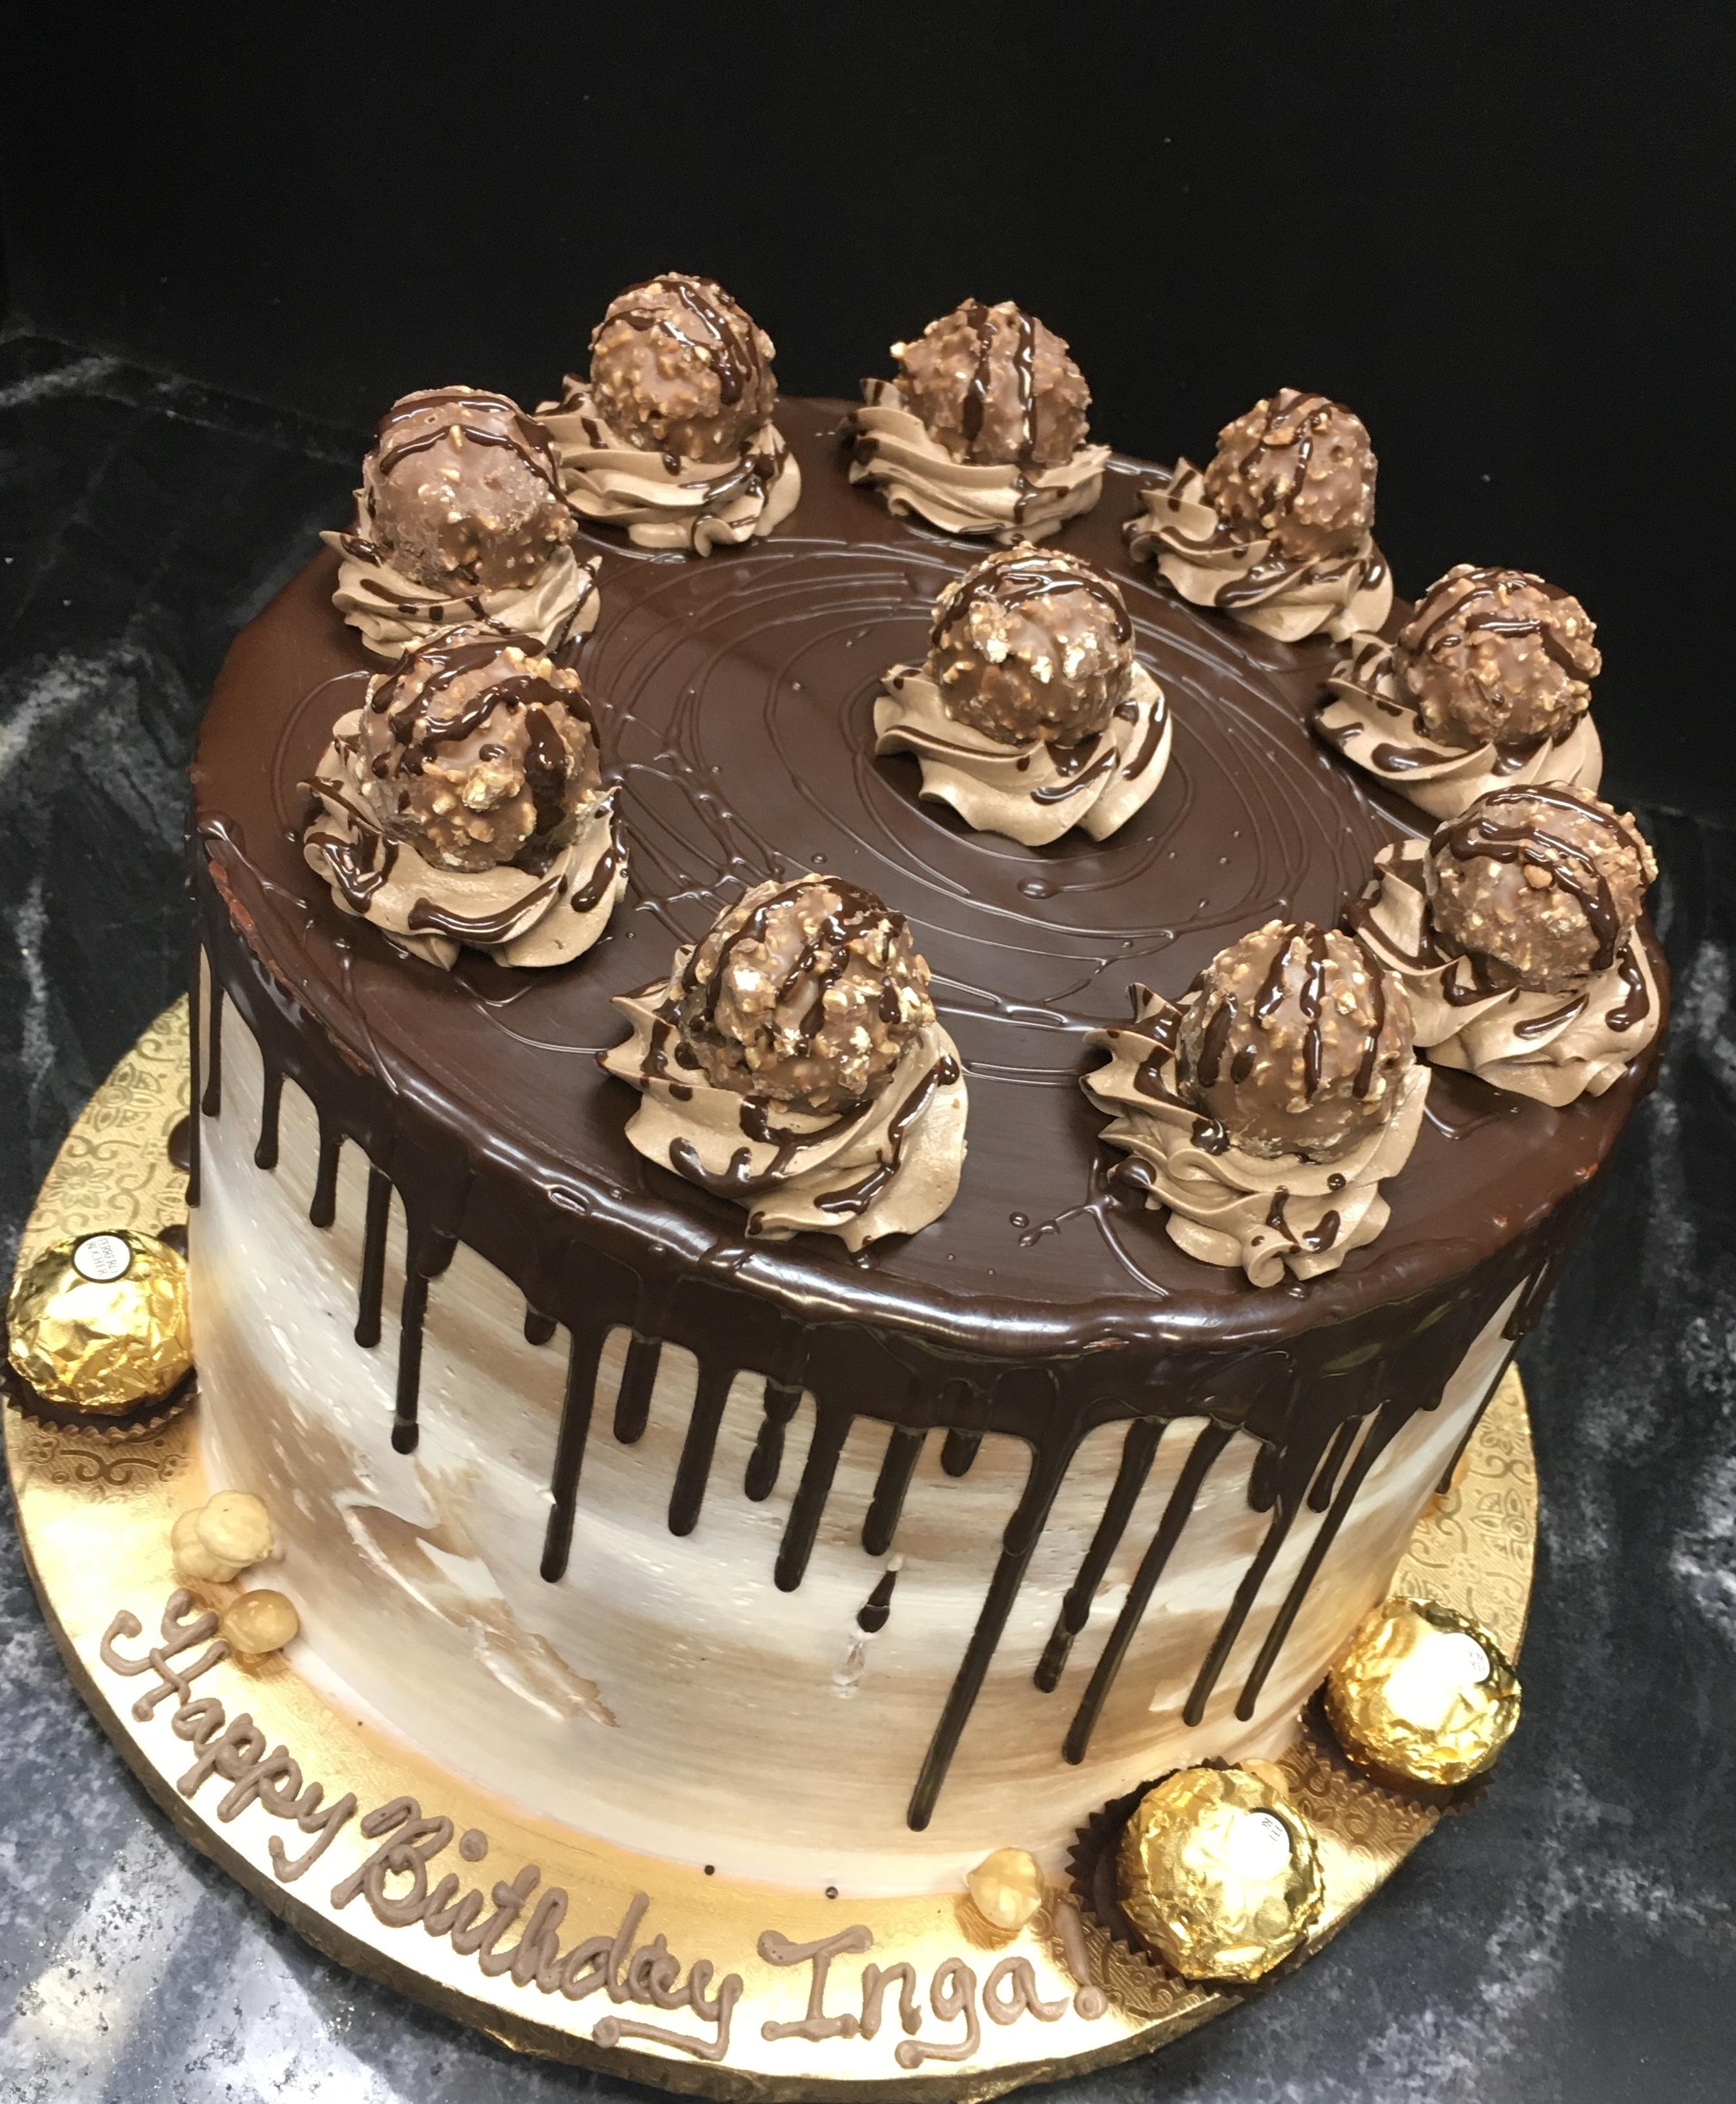 Chocolate Hazelnut Drip Cake